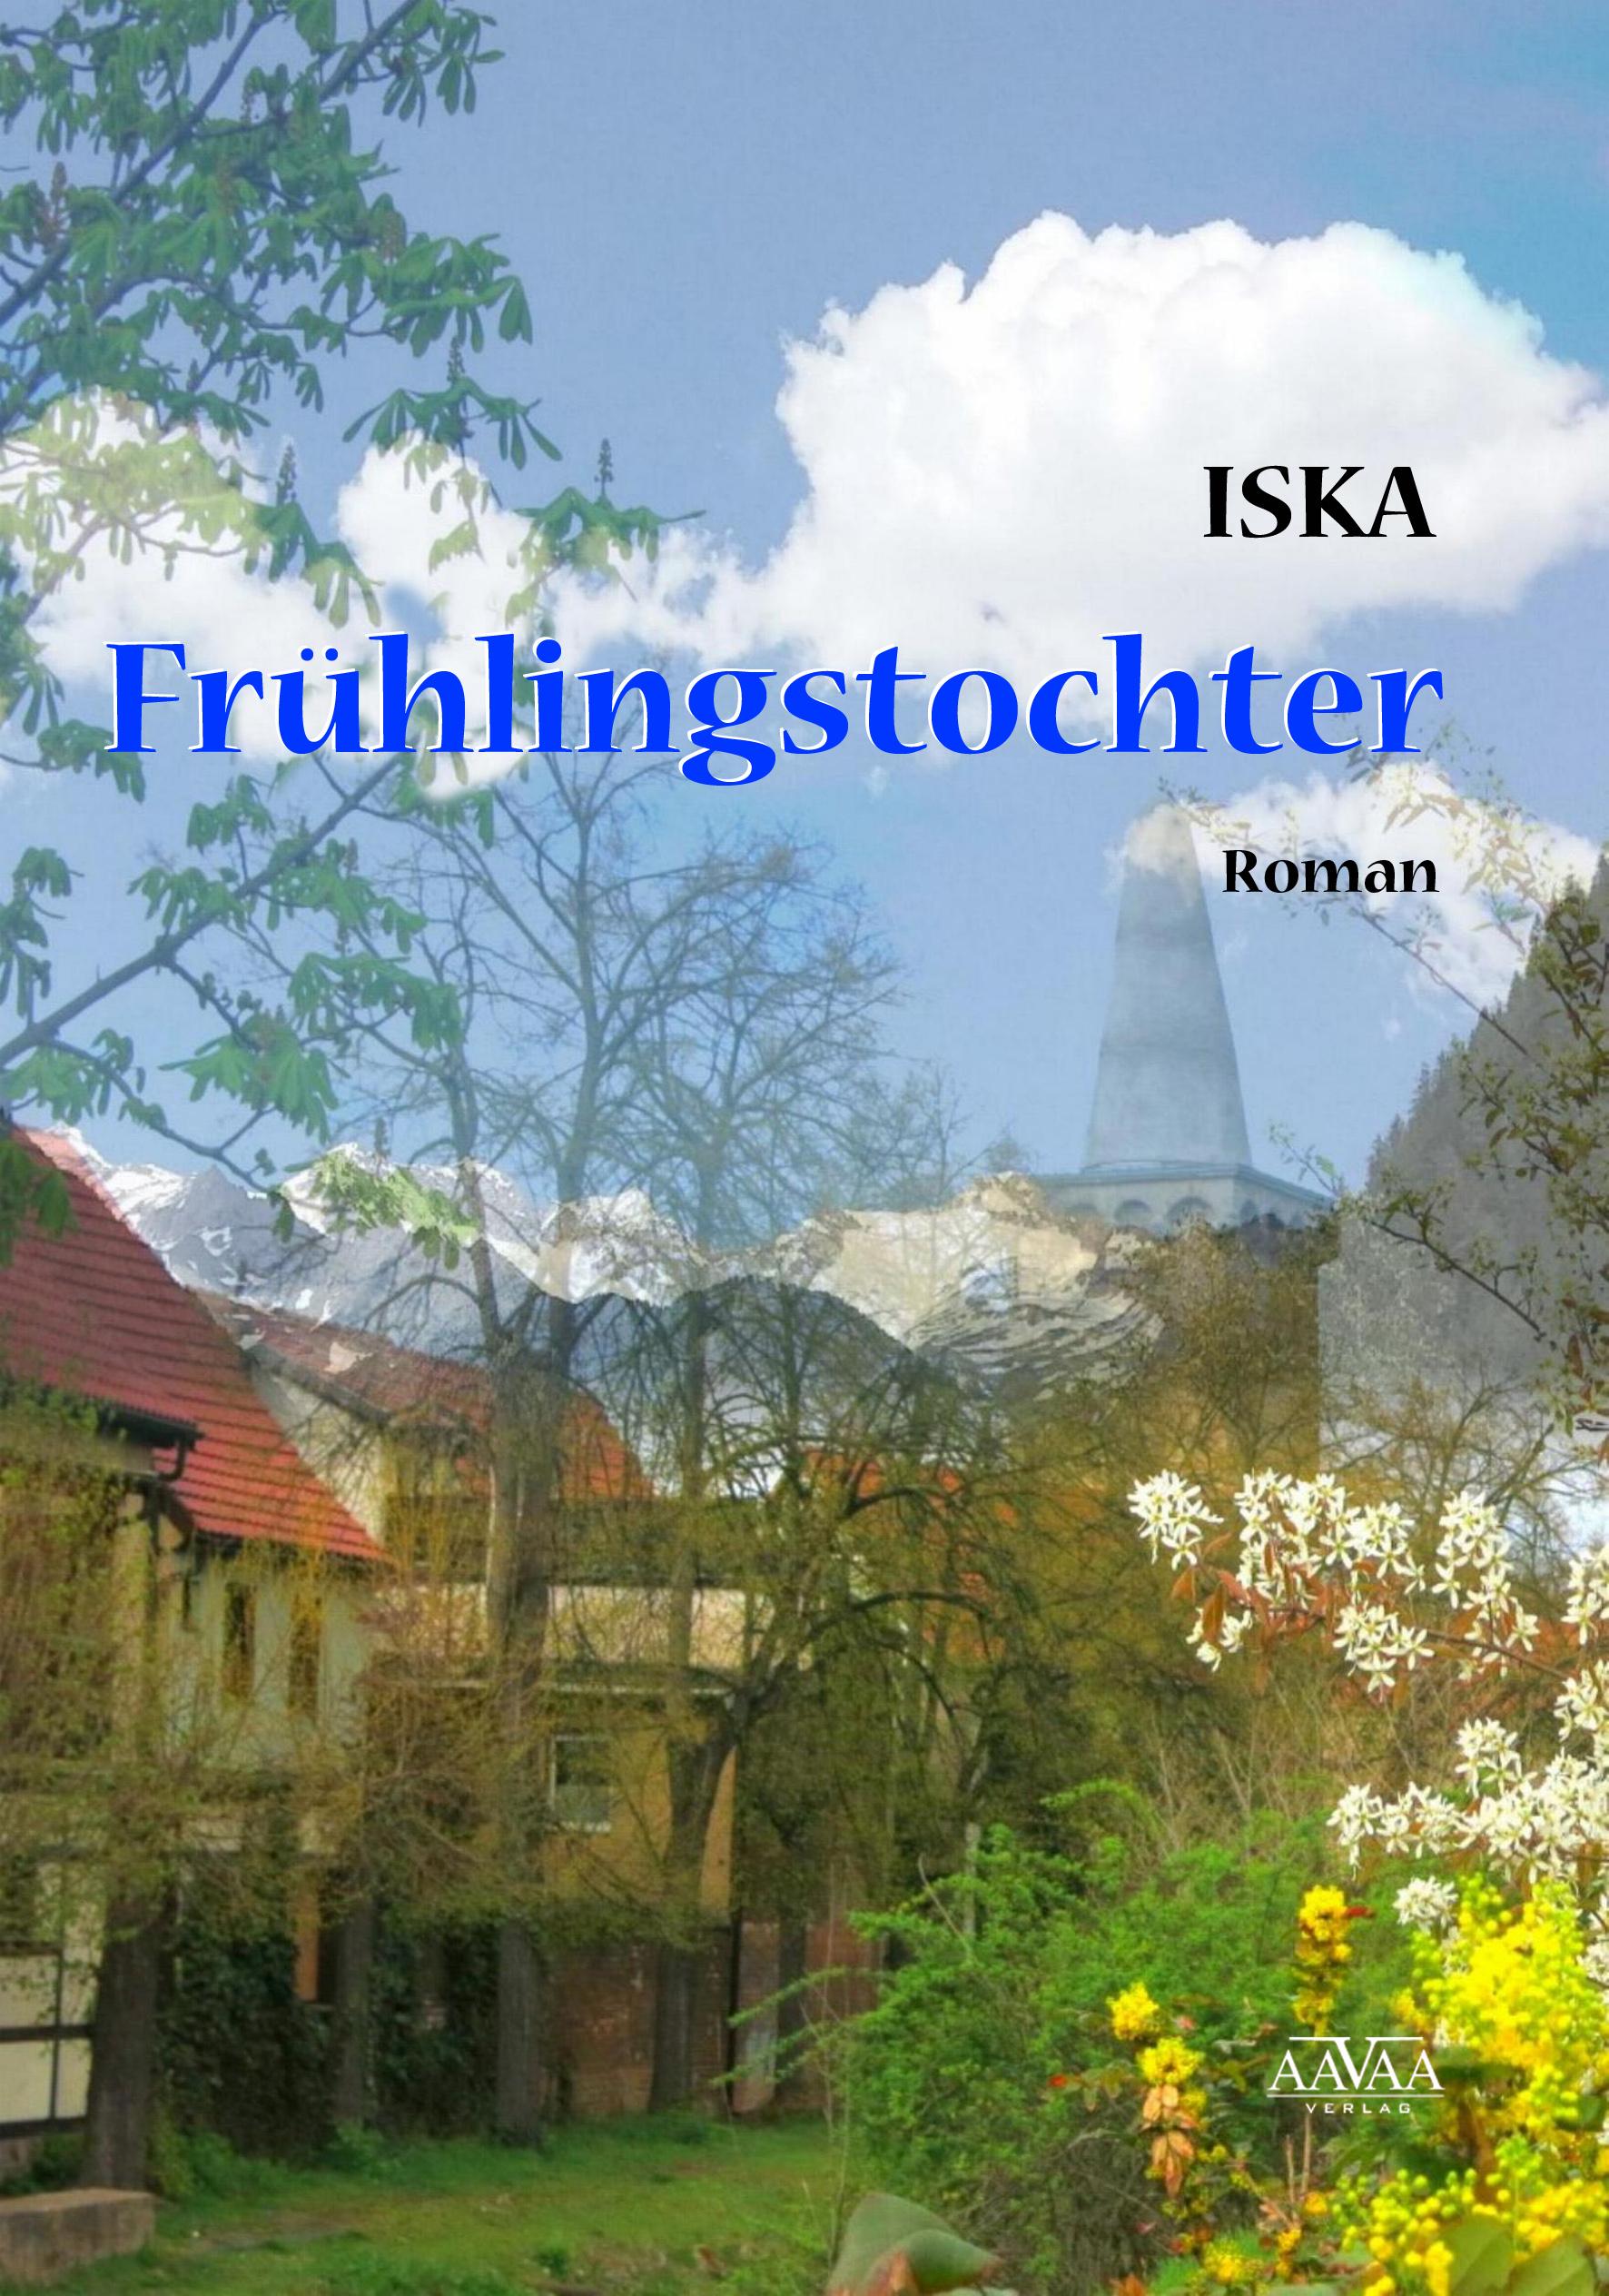 Frühlingstochter, Iska